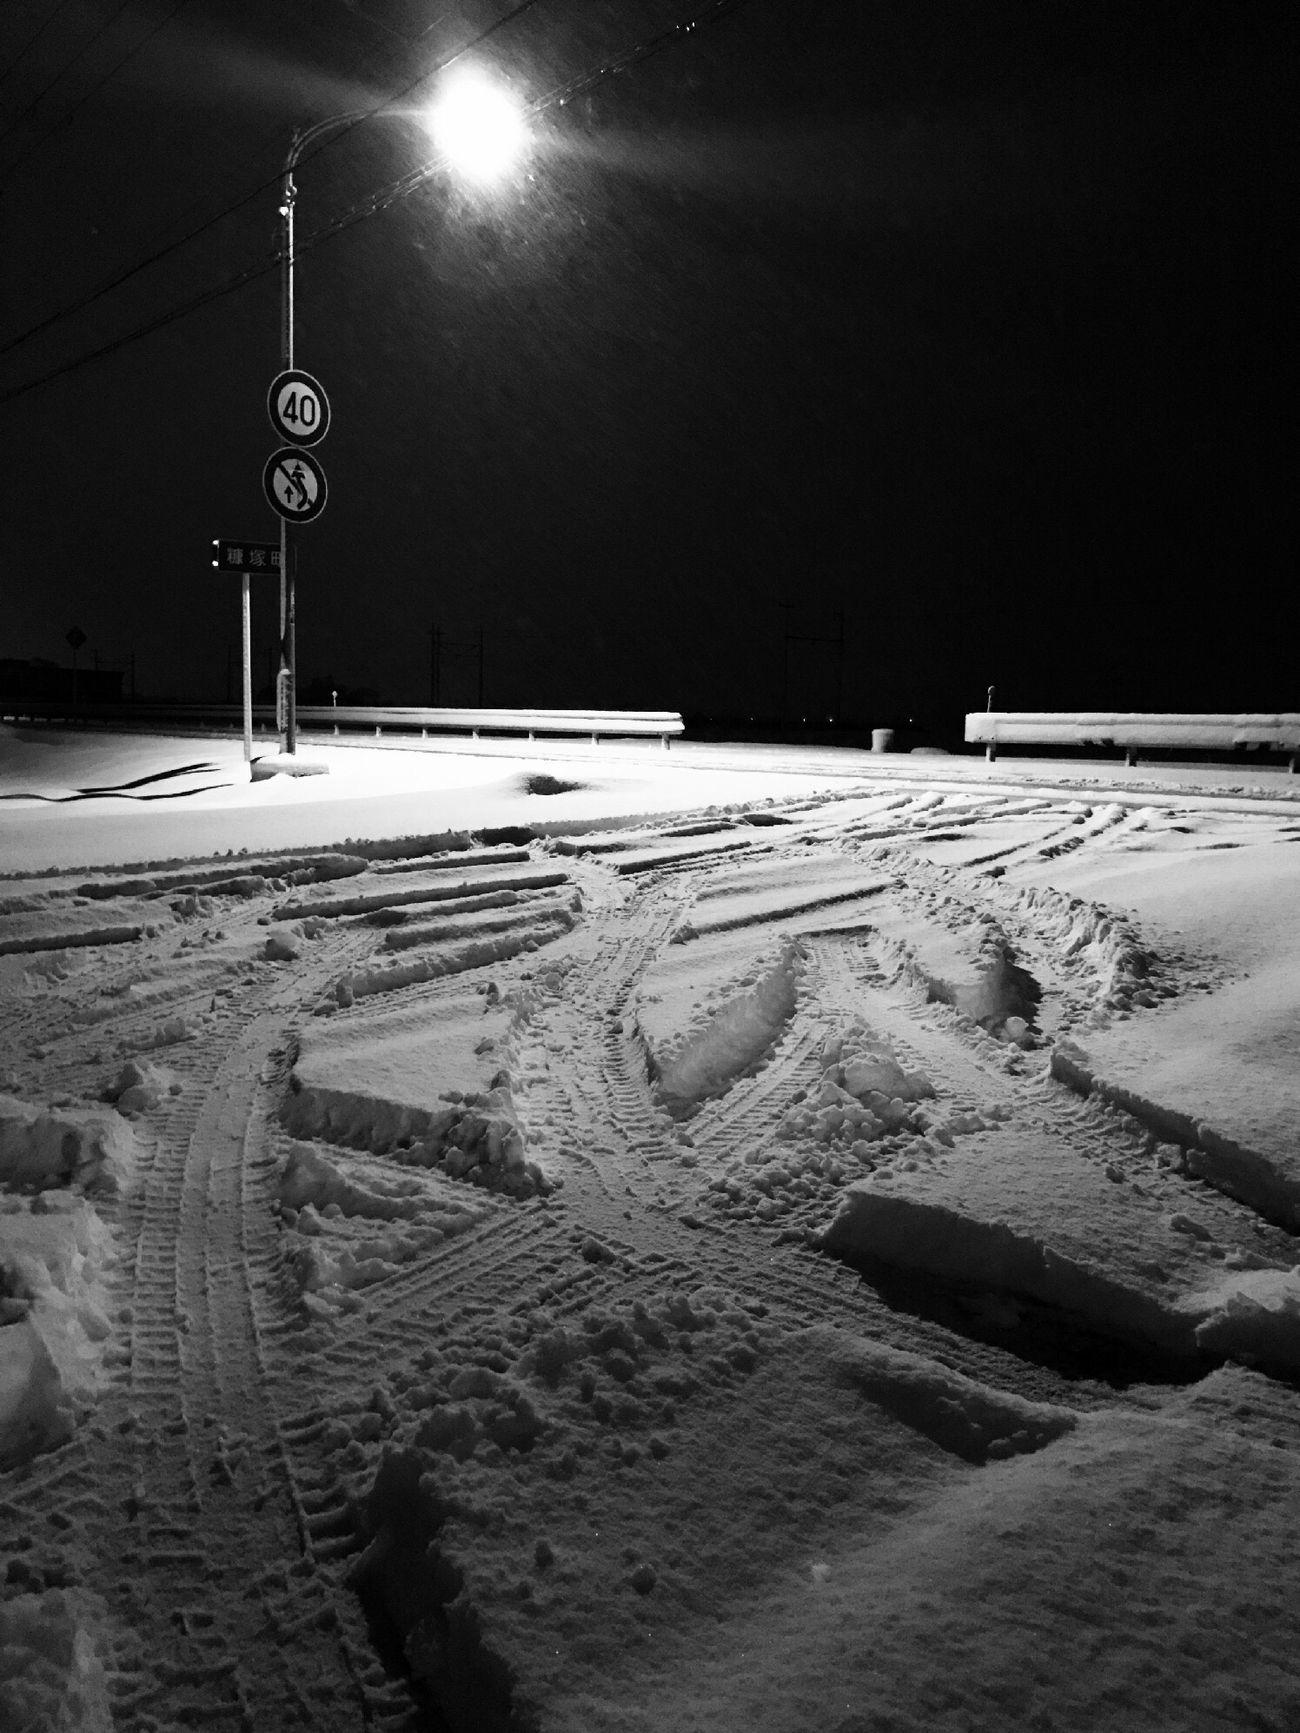 よ〜降るね🌨 No People Snow Outdoors Night 足跡 Nature Weather Winter Cold Temperature ❄ EyeEm Best Shots EyeEm Gallery ☃ 雪